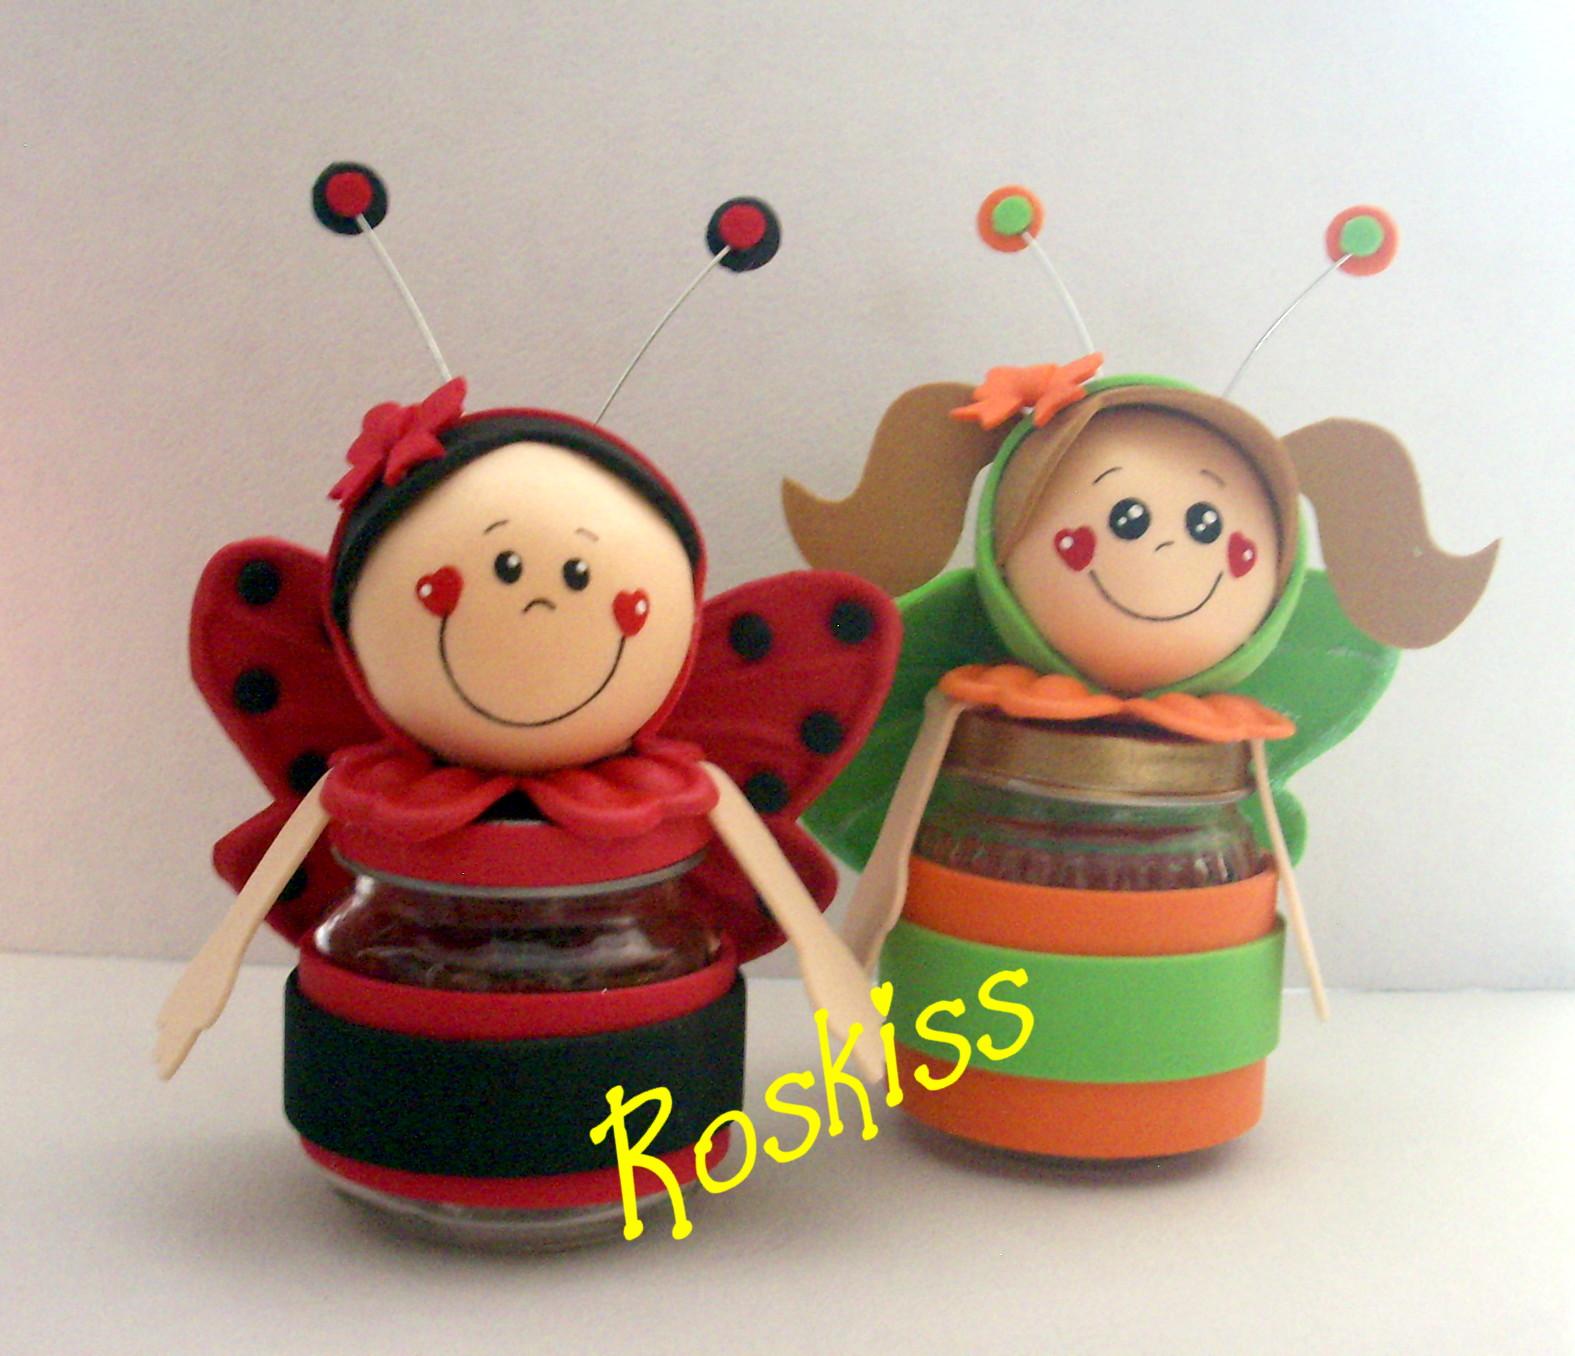 El Atelier de Roskiss: Bichos dulceros